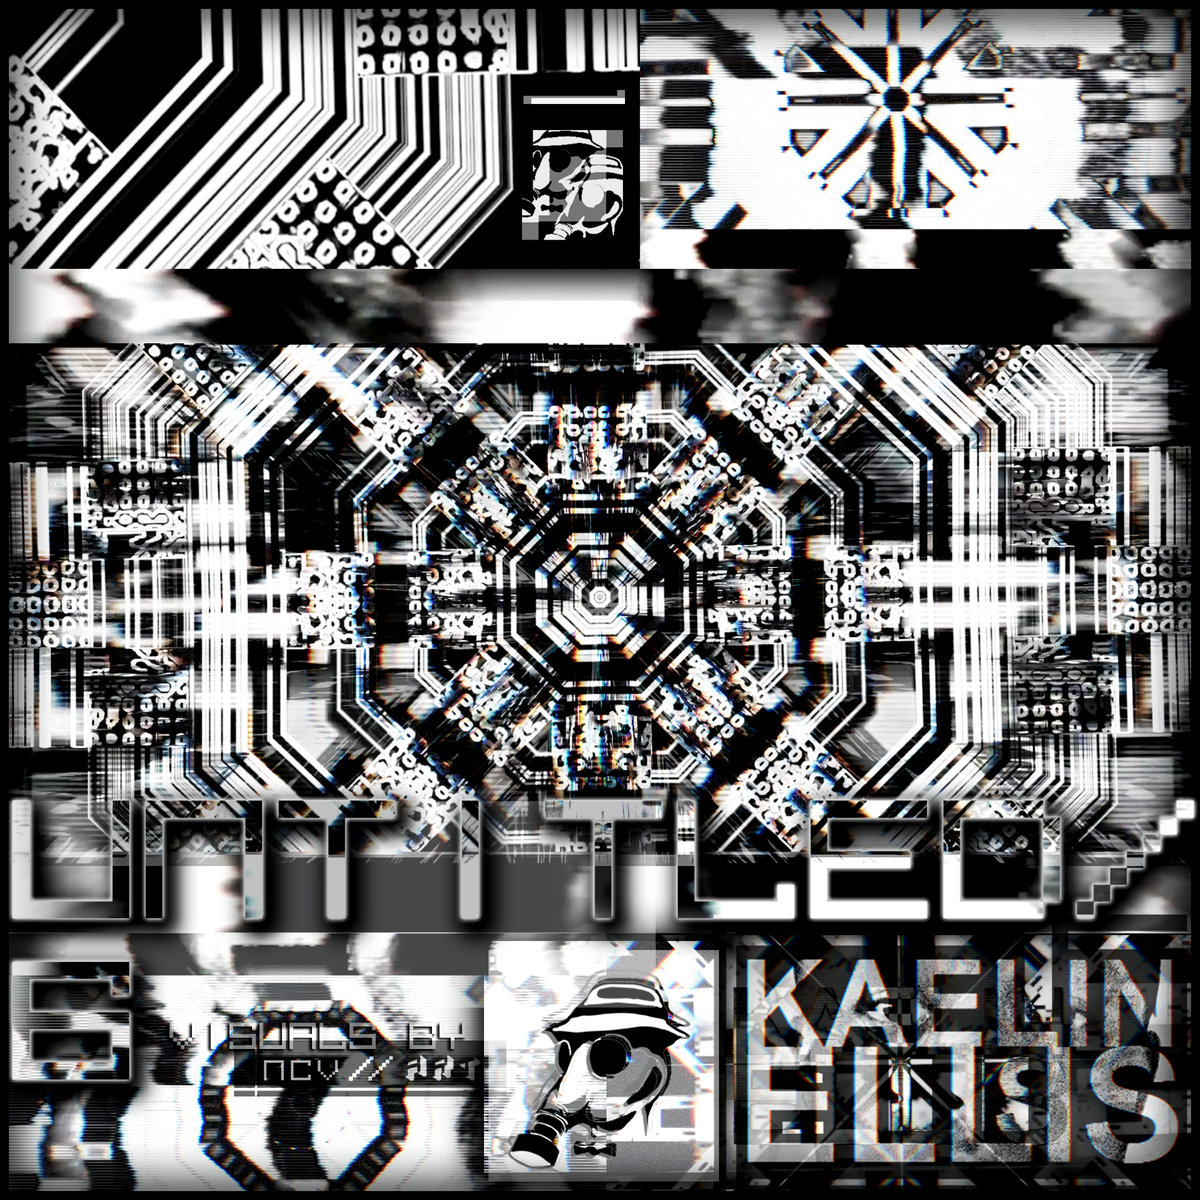 Kaelin Ellis  Untitled/6